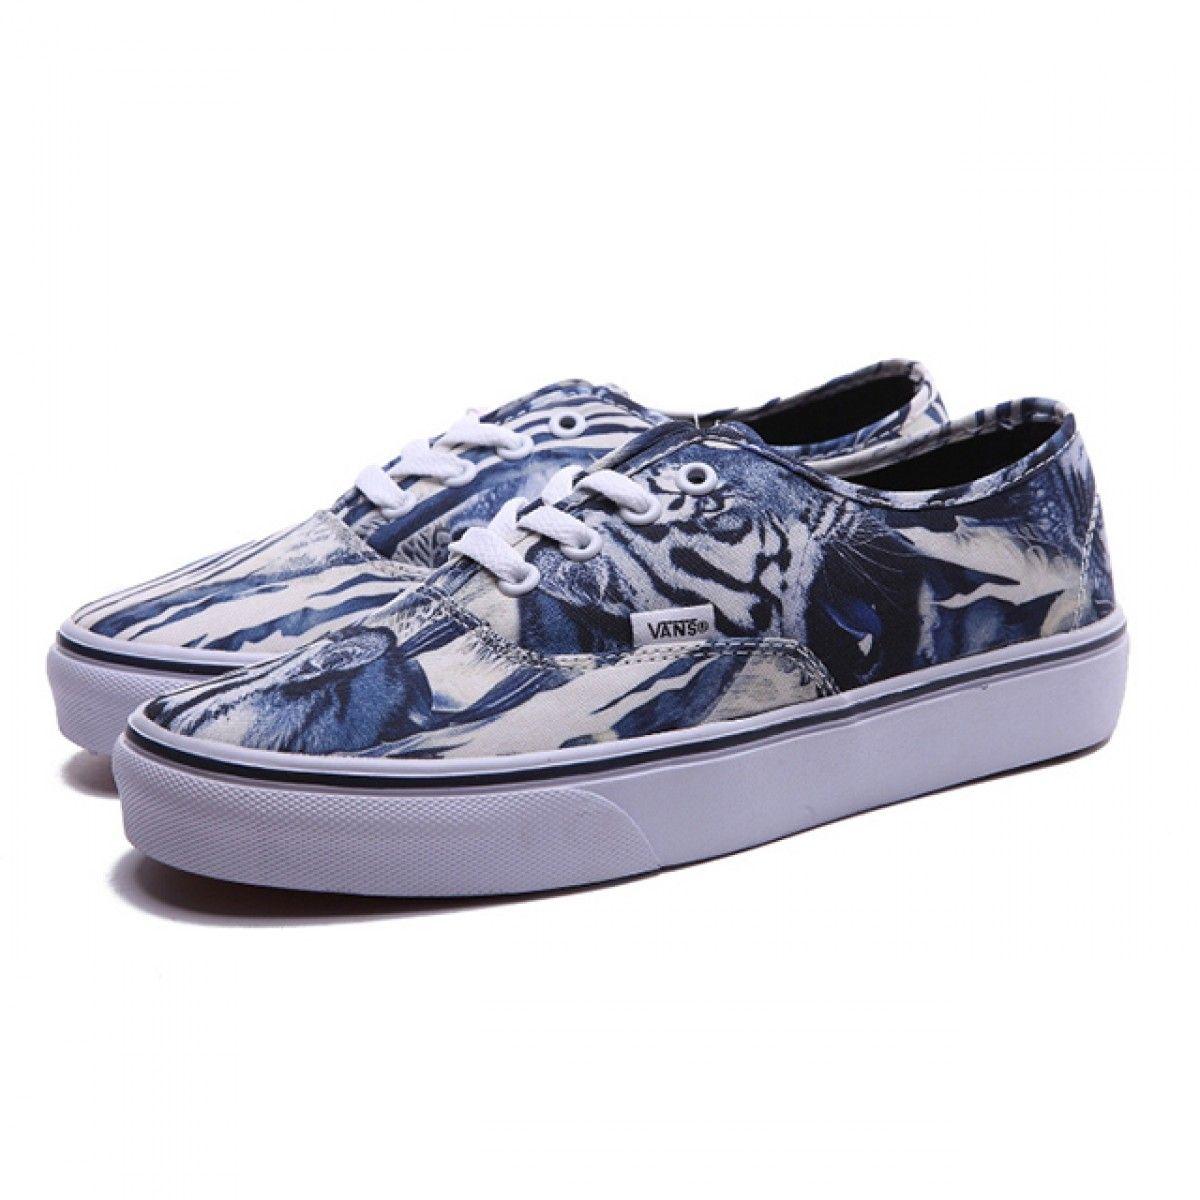 vans shoes canvas price